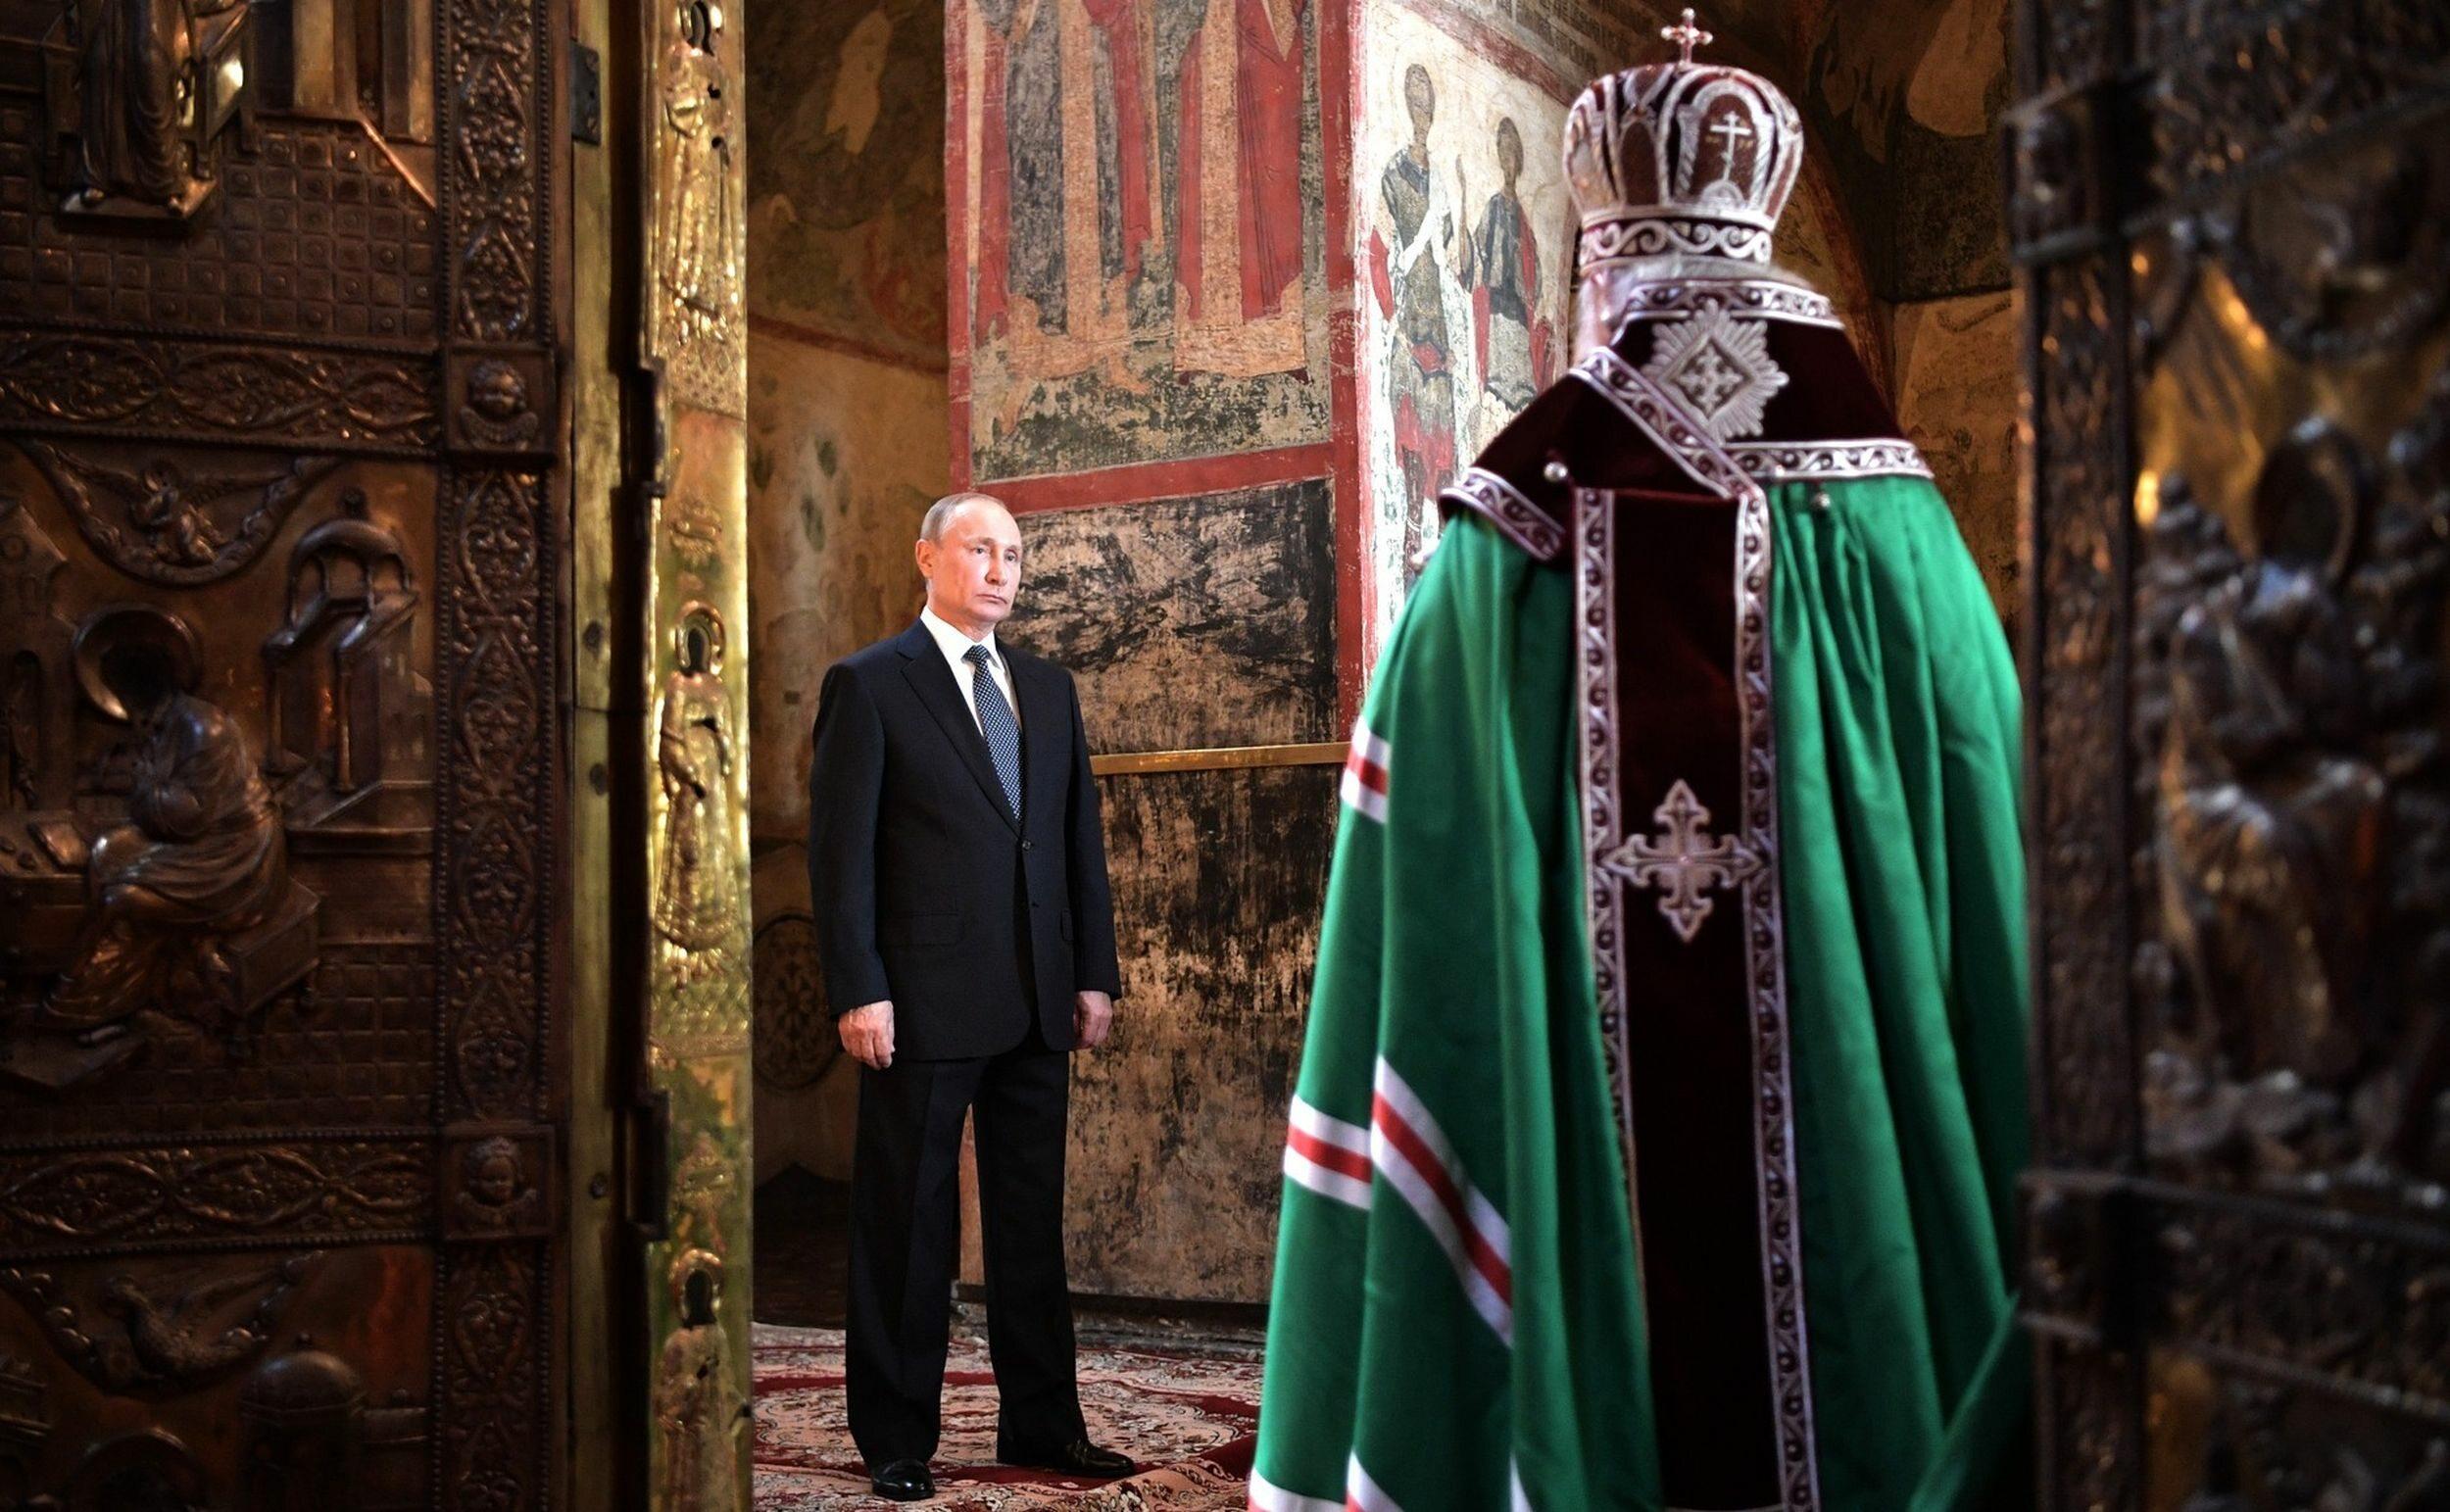 Inauguracja prezydentury Władimira Putina, 7 maja 2018 roku